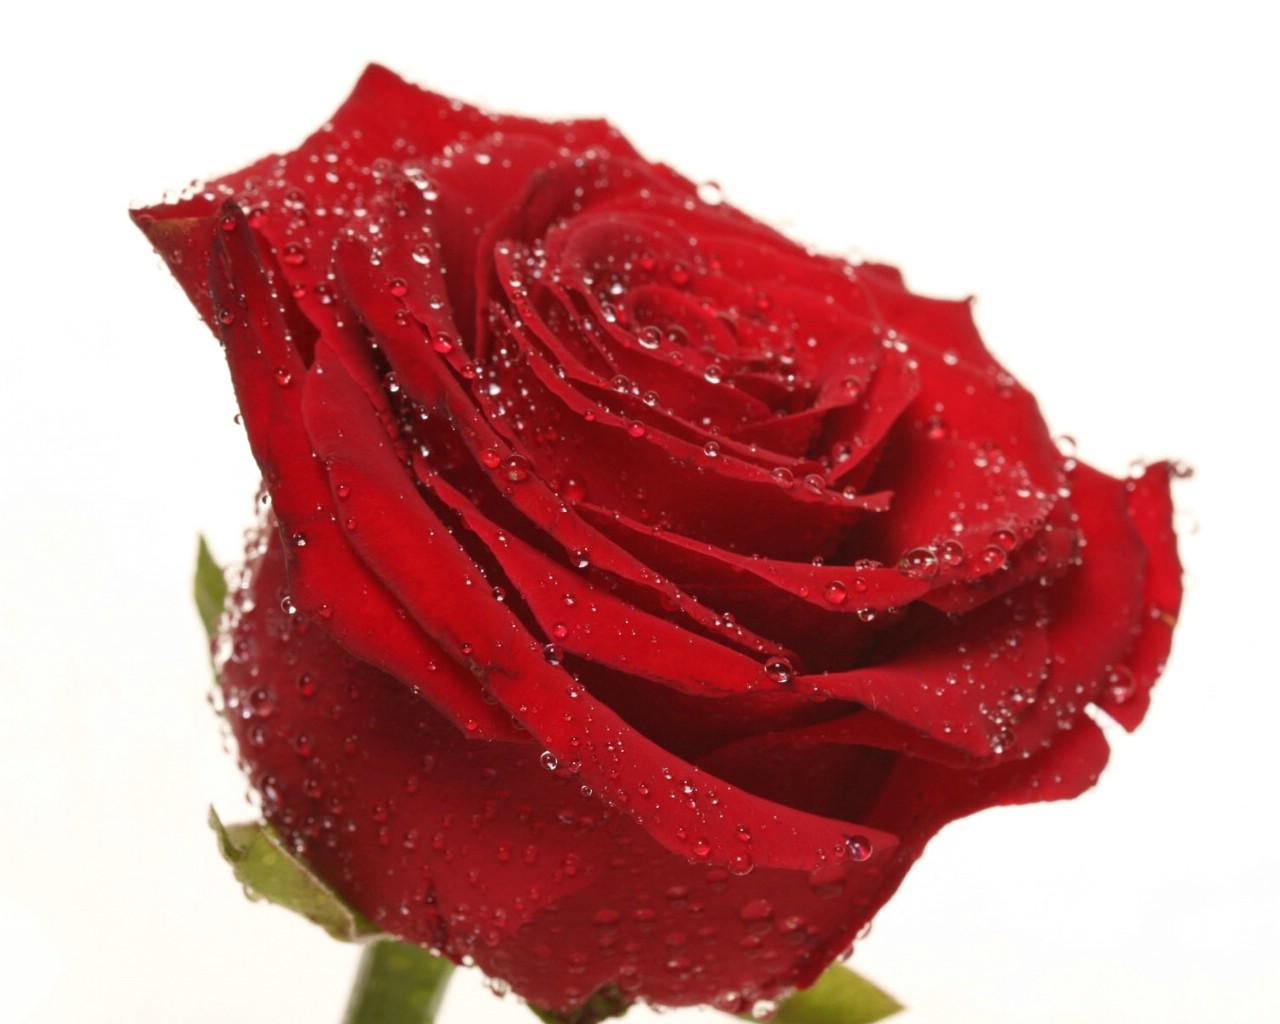 壁纸1280×1024玫瑰写真 6 11壁纸 玫瑰写真壁纸图片花卉壁纸花卉图片素材桌面壁纸